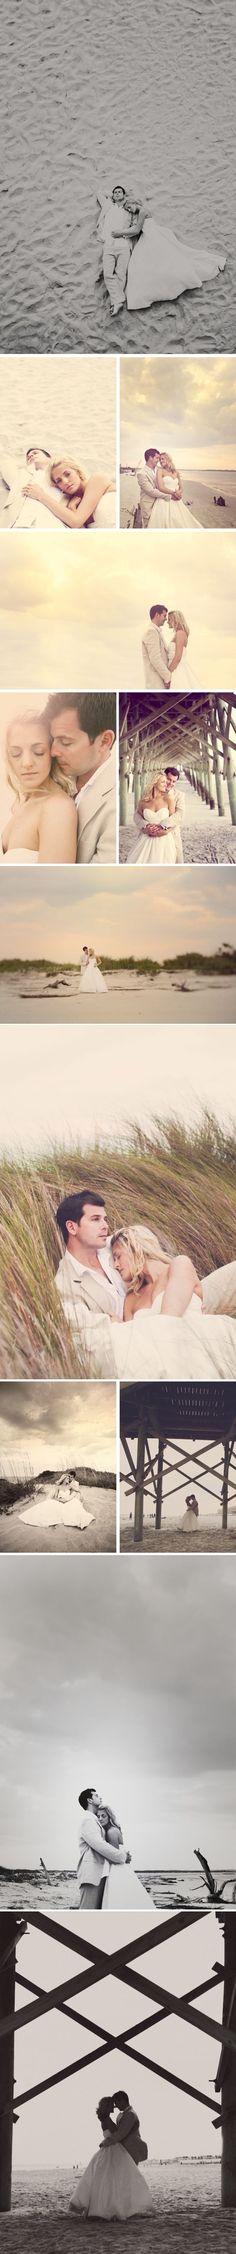 Wedding photos - beach